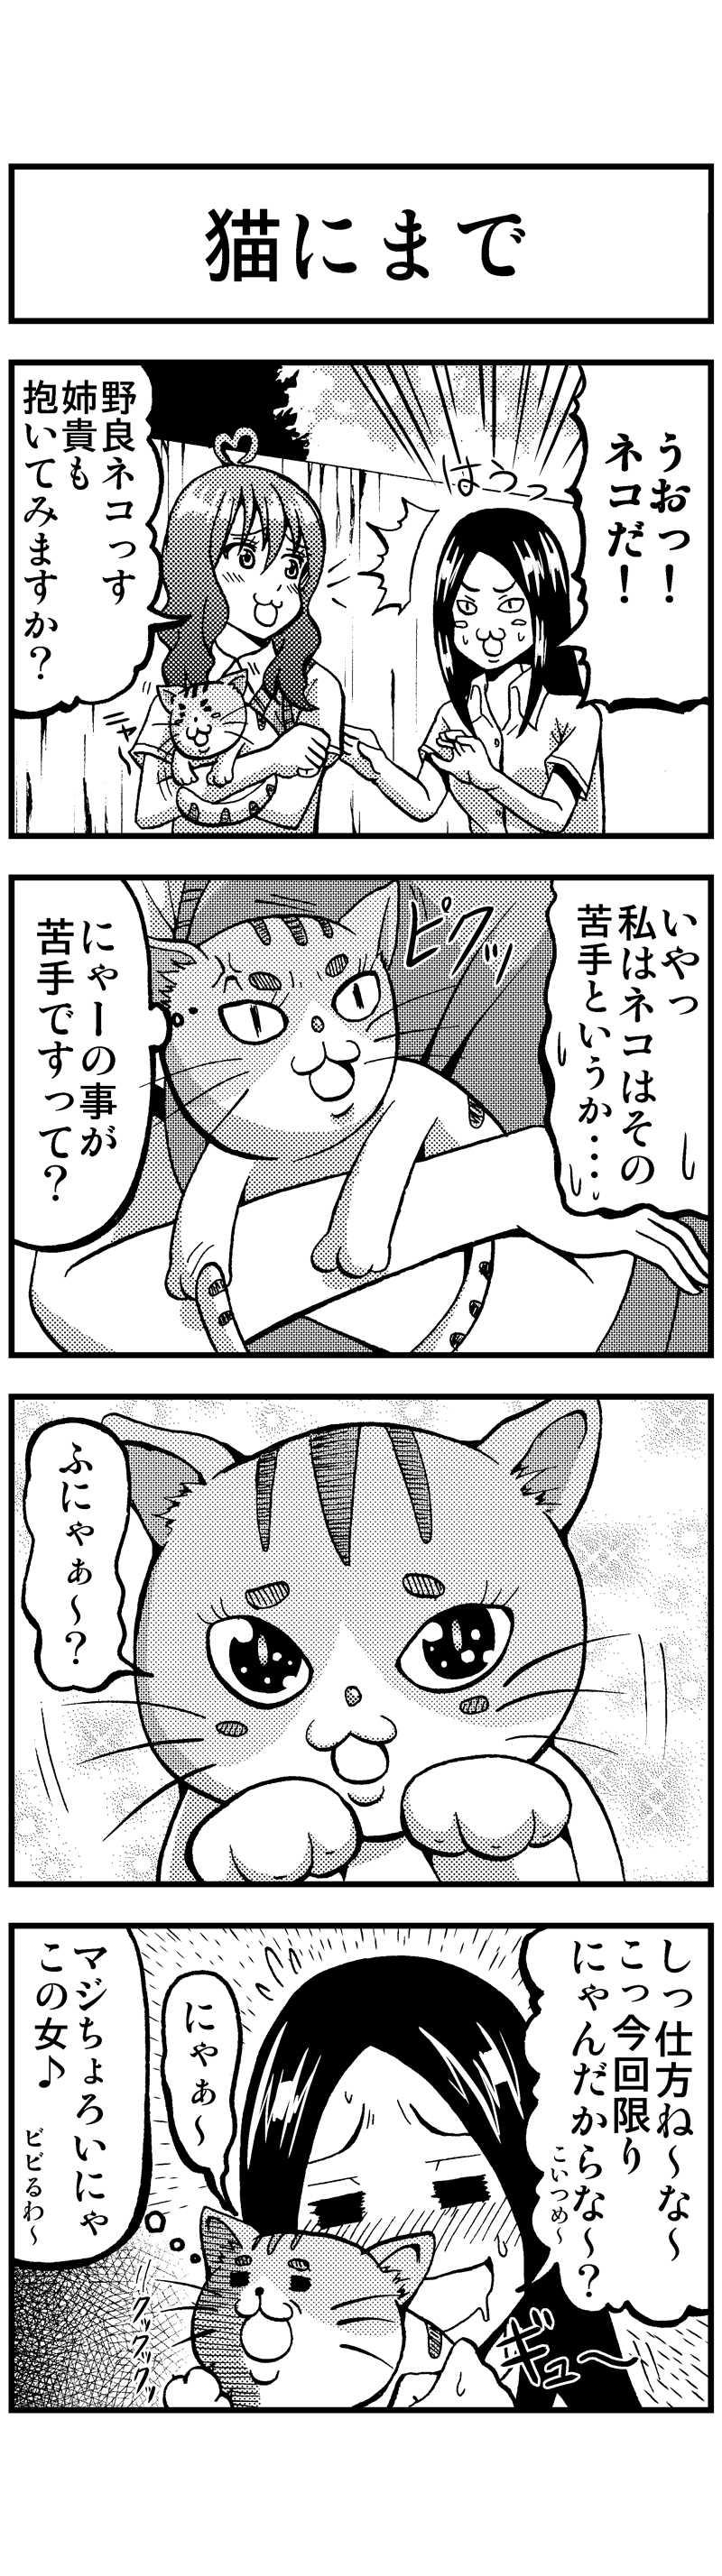 『にゃんこ』